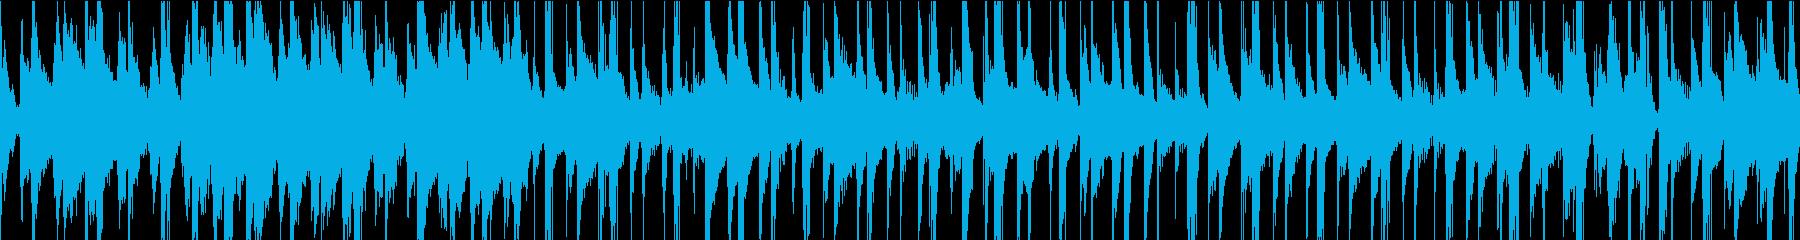 シンプルなメロディーと優しい感触の...の再生済みの波形